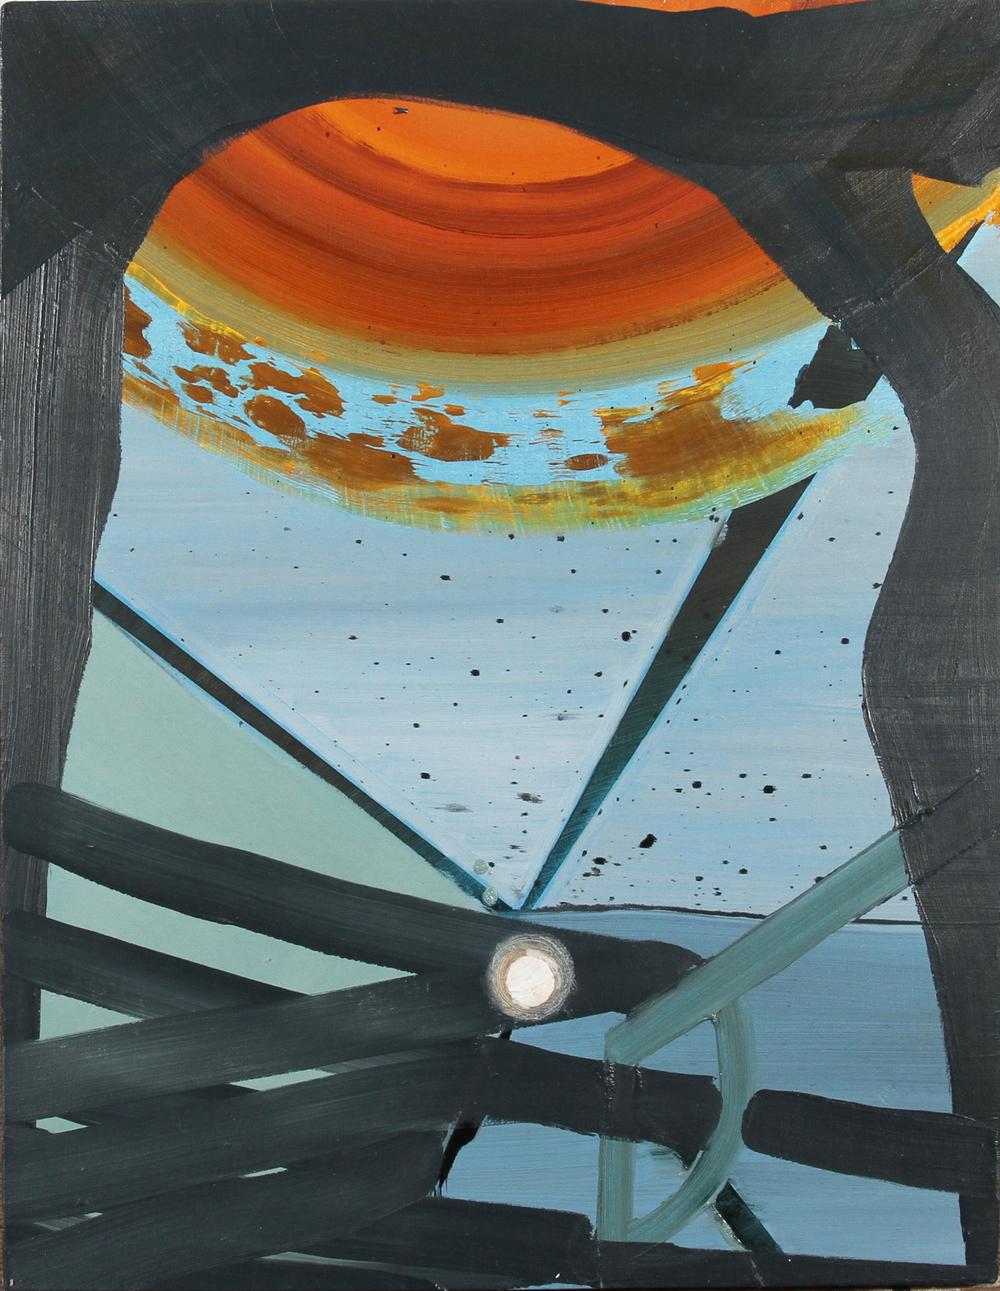 arc, 2012, oil on panel, 13 x 16